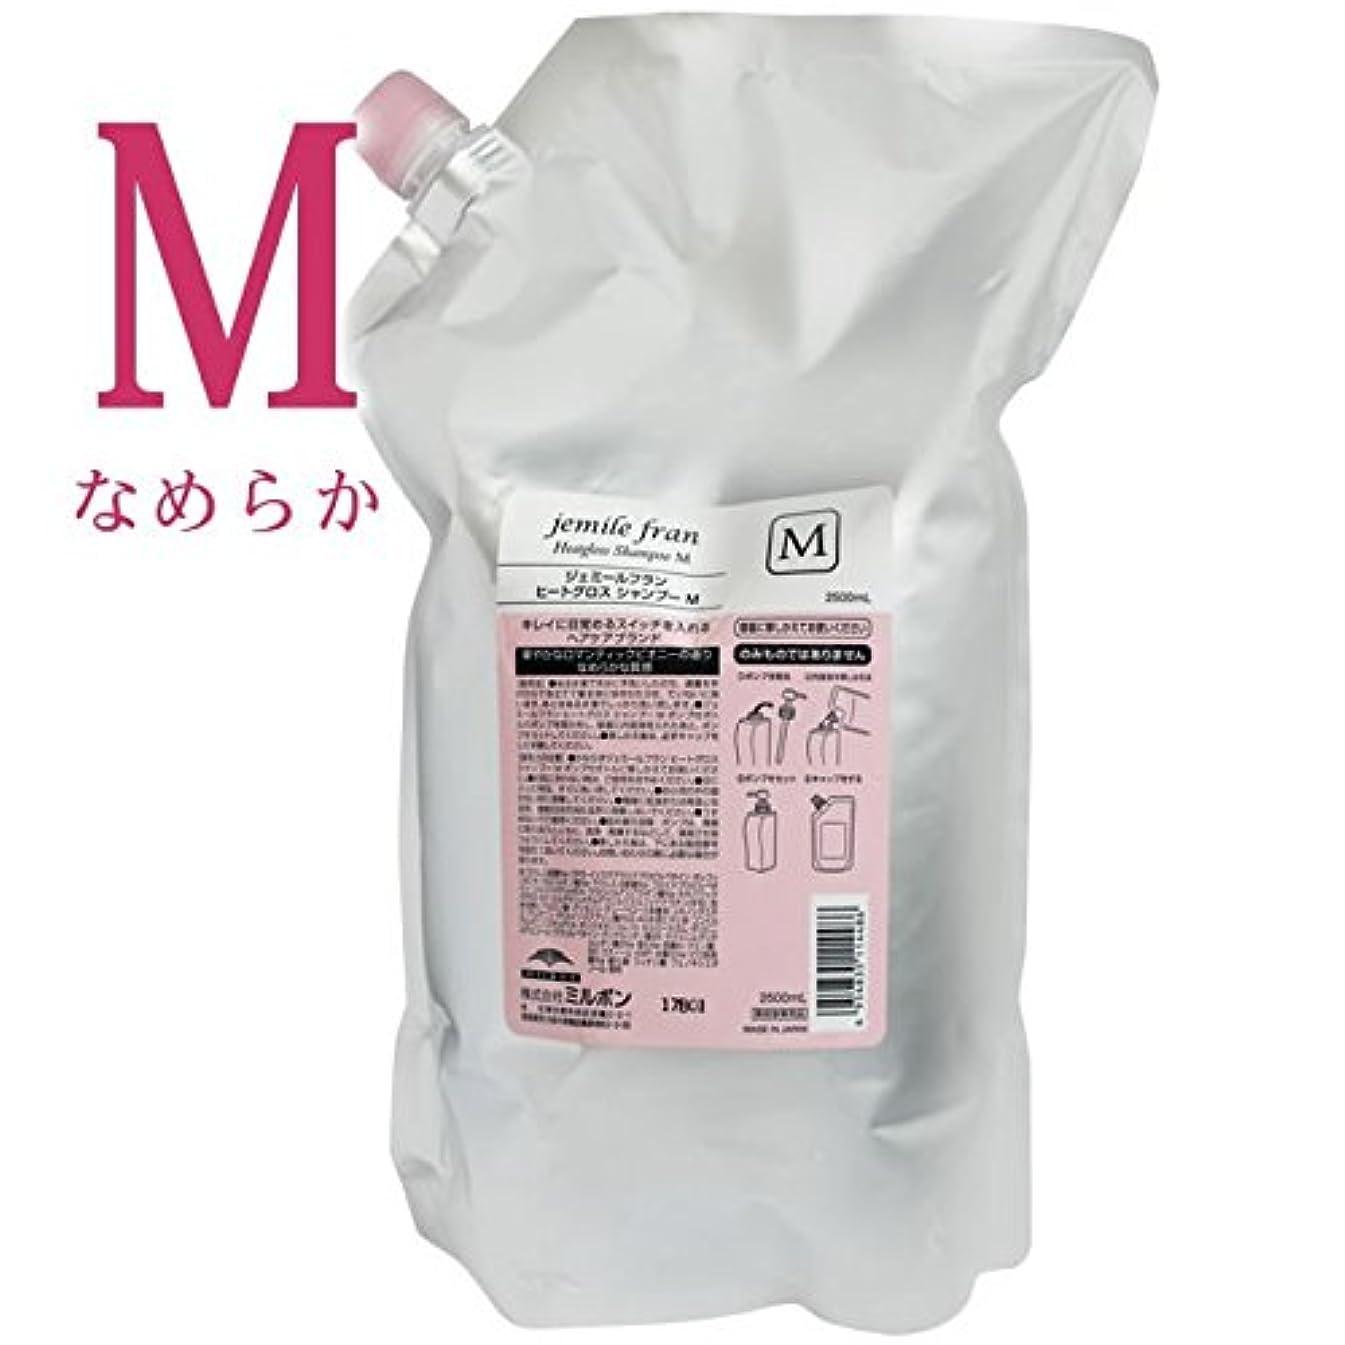 発送起こる活性化するミルボン|ジェミールフラン ヒートグロス シャンプーM 2500ml (詰替用)